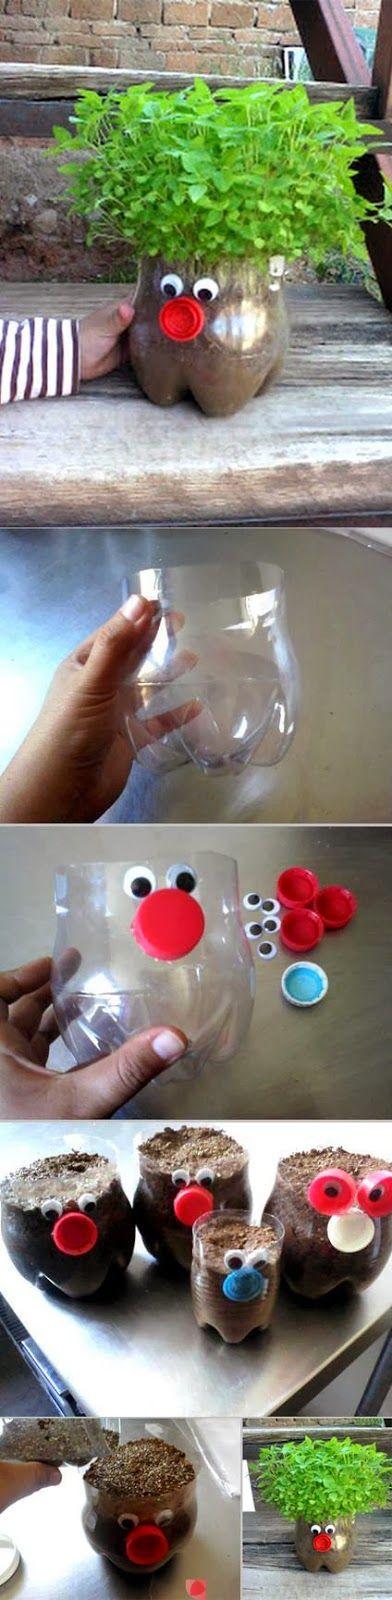 30 Maneiras geniais de reutilizar garrafas de plástico! Úteis e super criativas…: